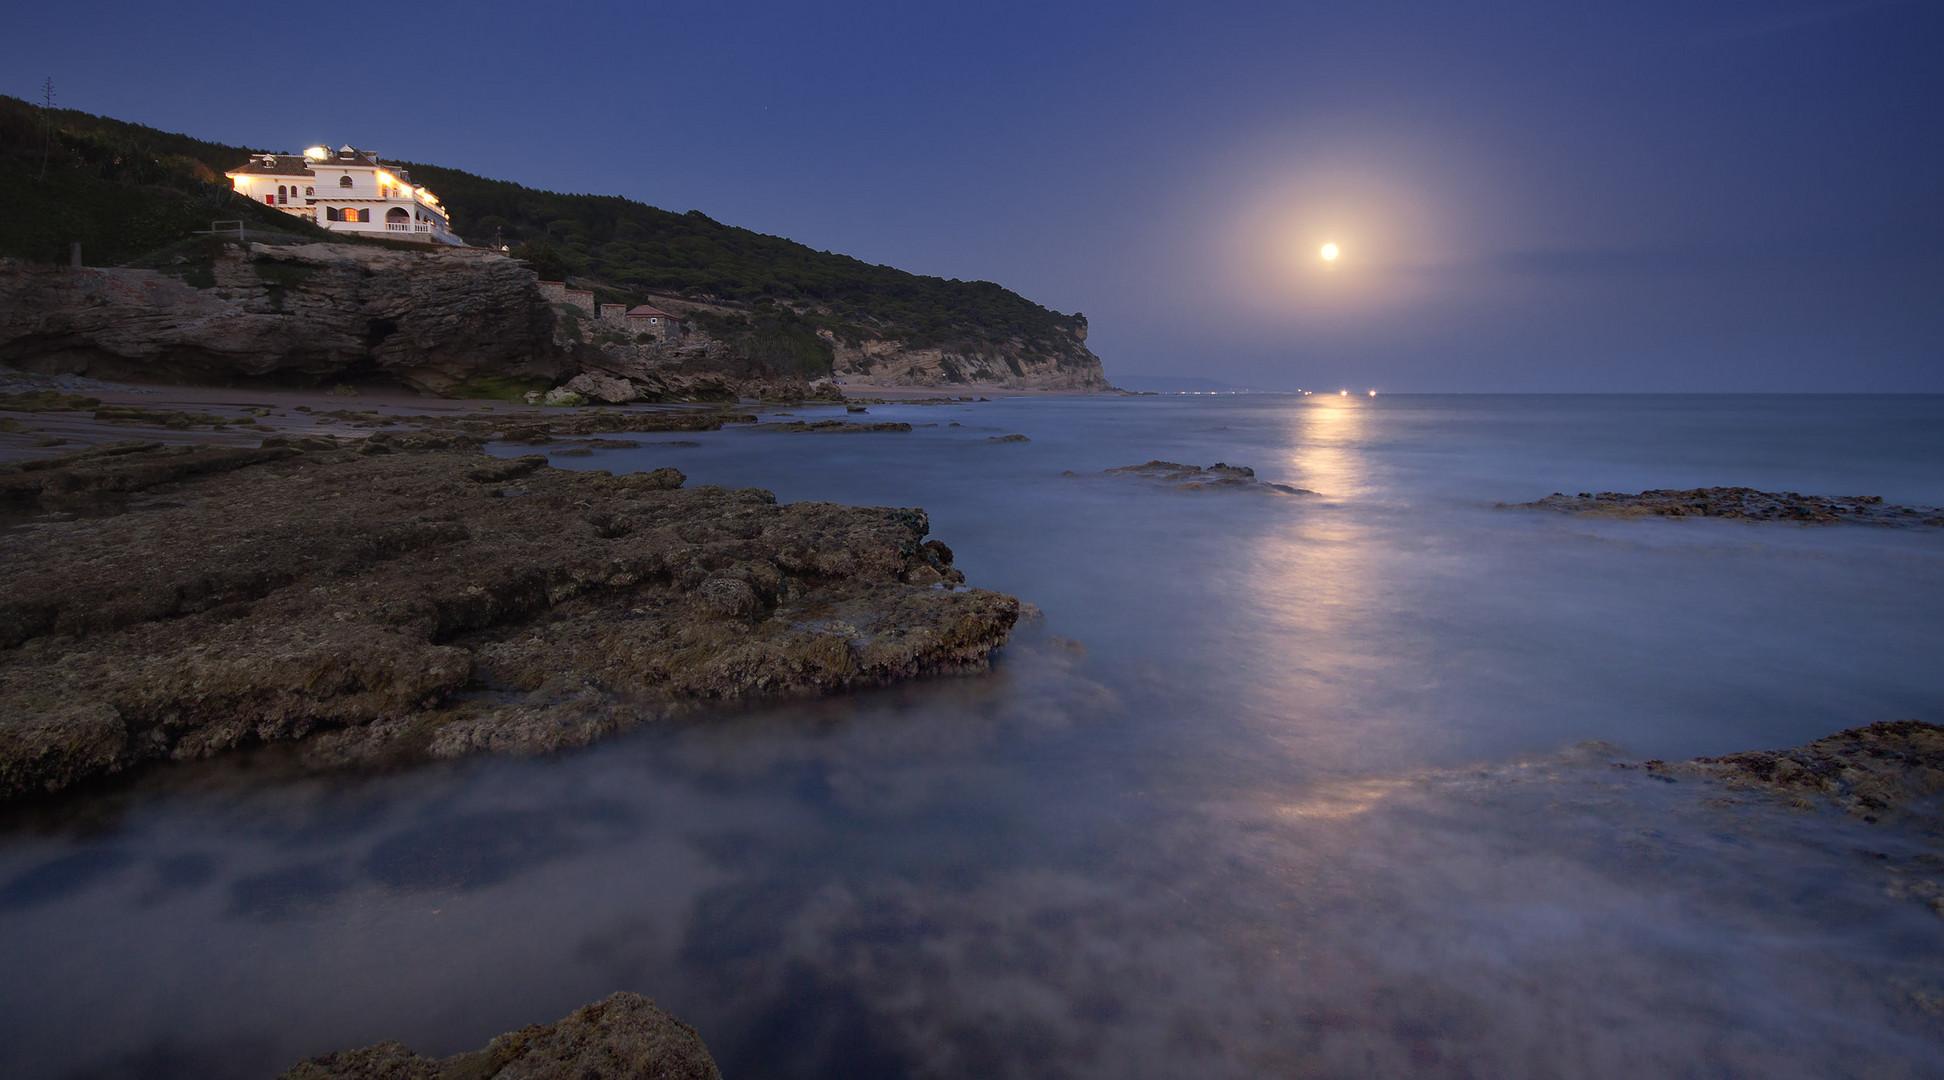 Una casita junto al mar. Y la luna...